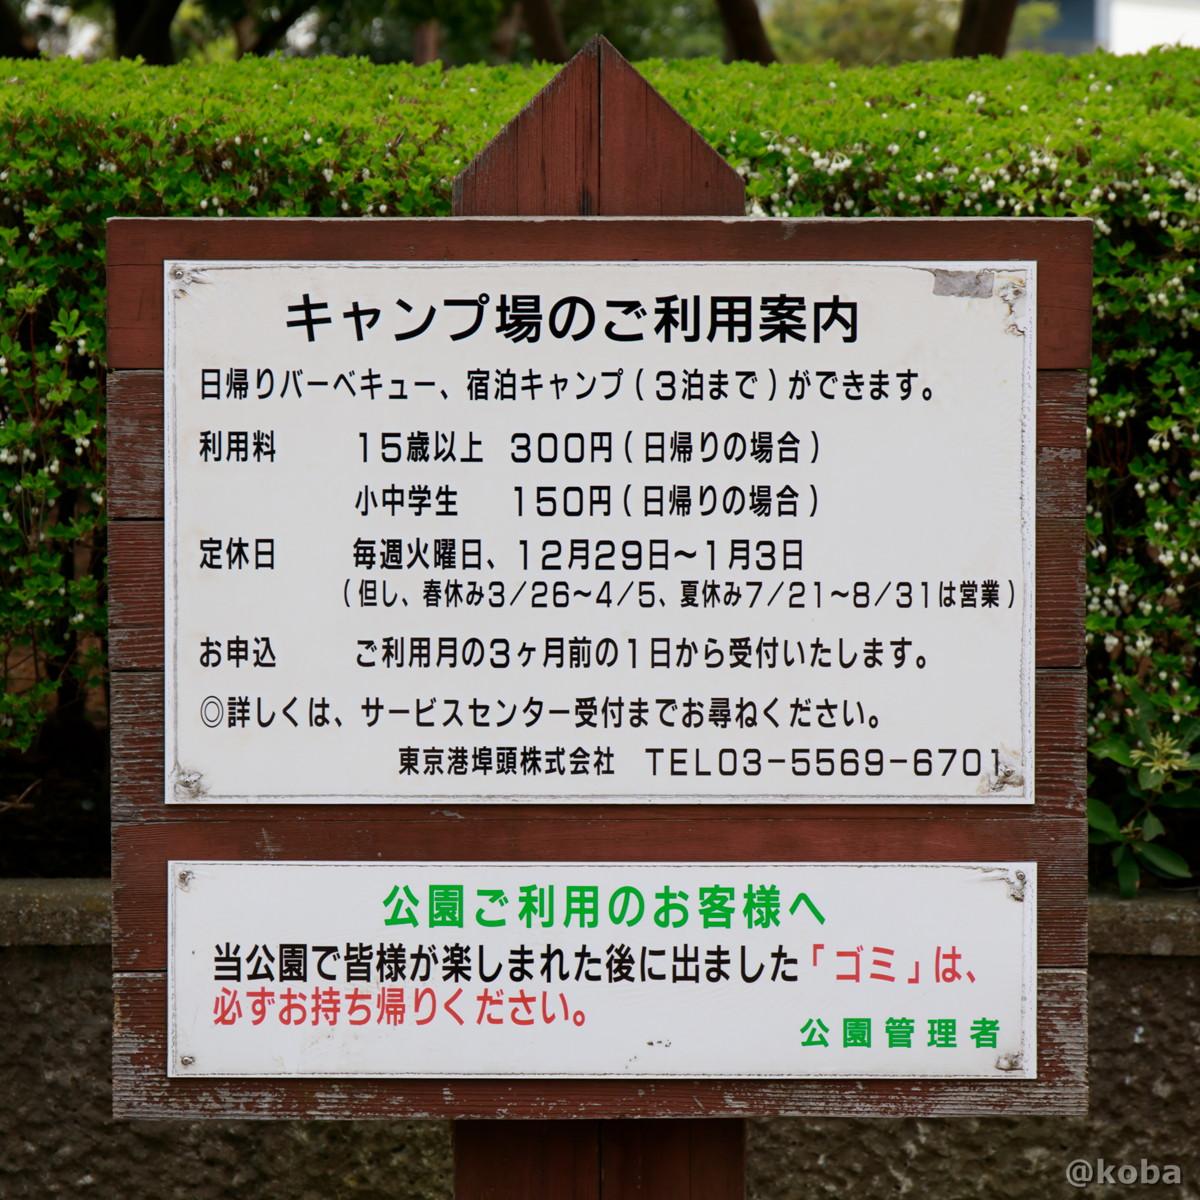 キャンプ場の利用案内│若洲公園│江東区